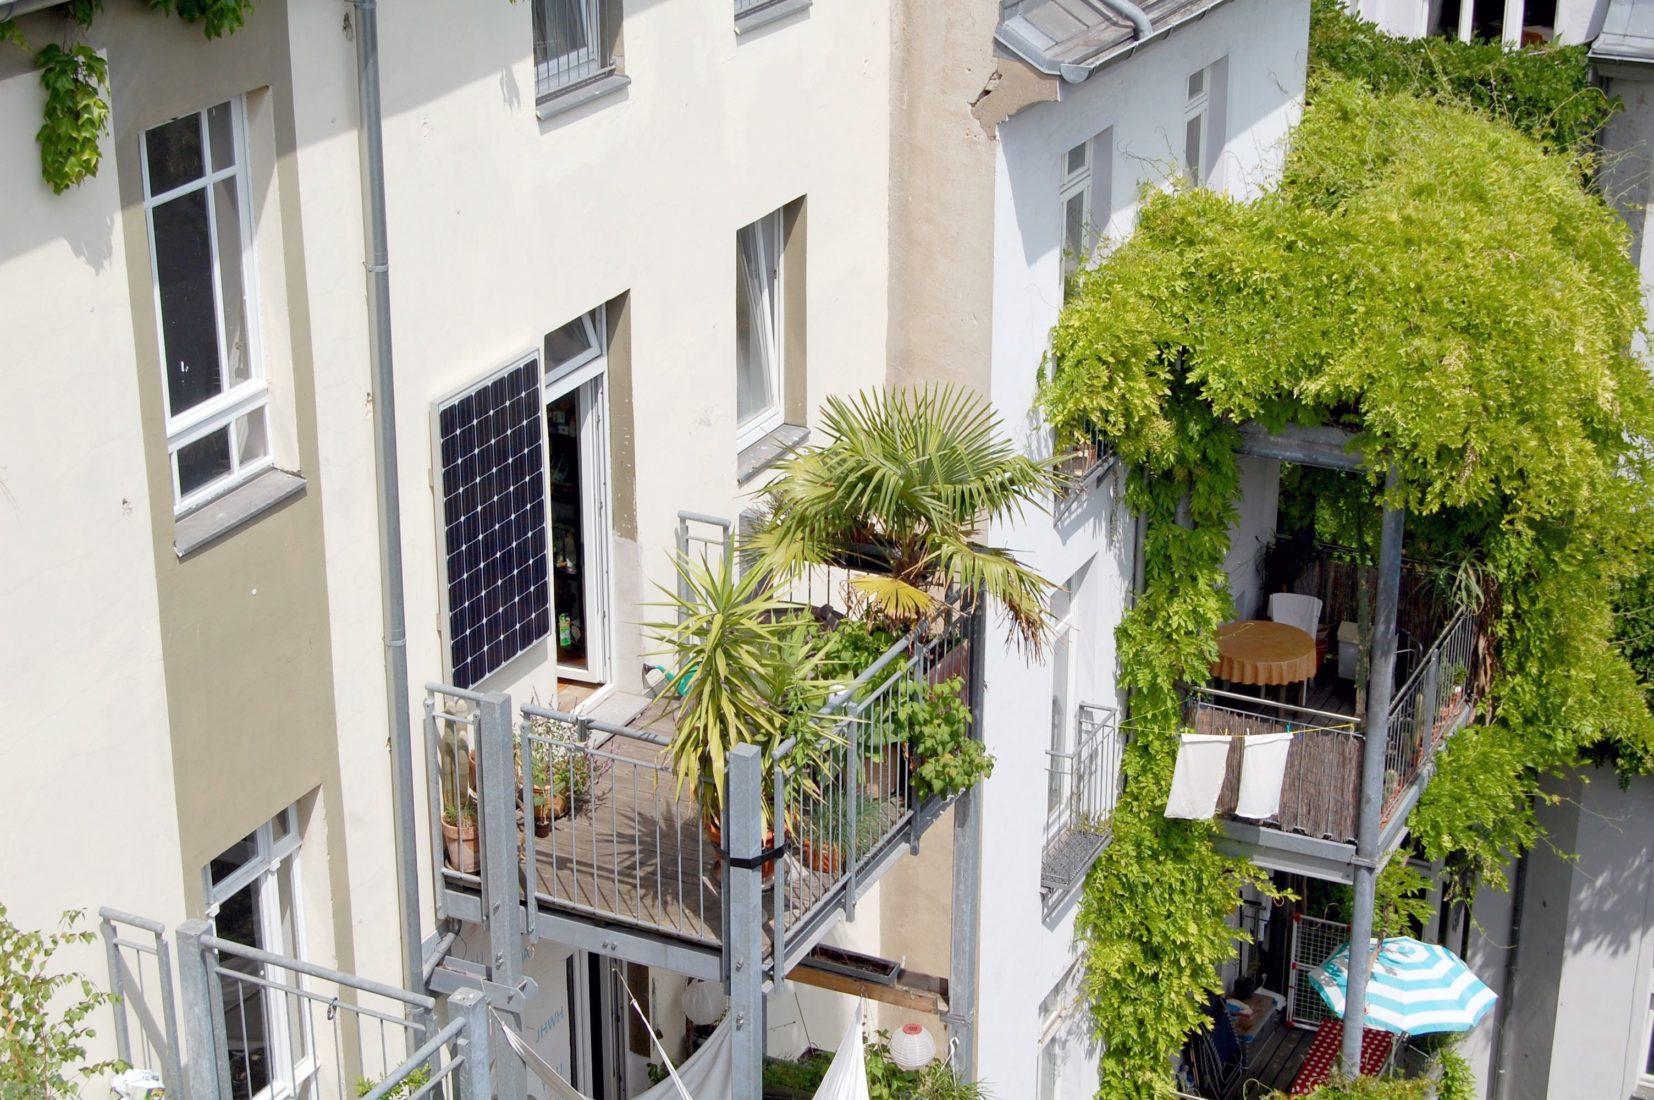 Steckerfertige PV-Kleinstanlage für den Balkon. Foto: www.indielux.com